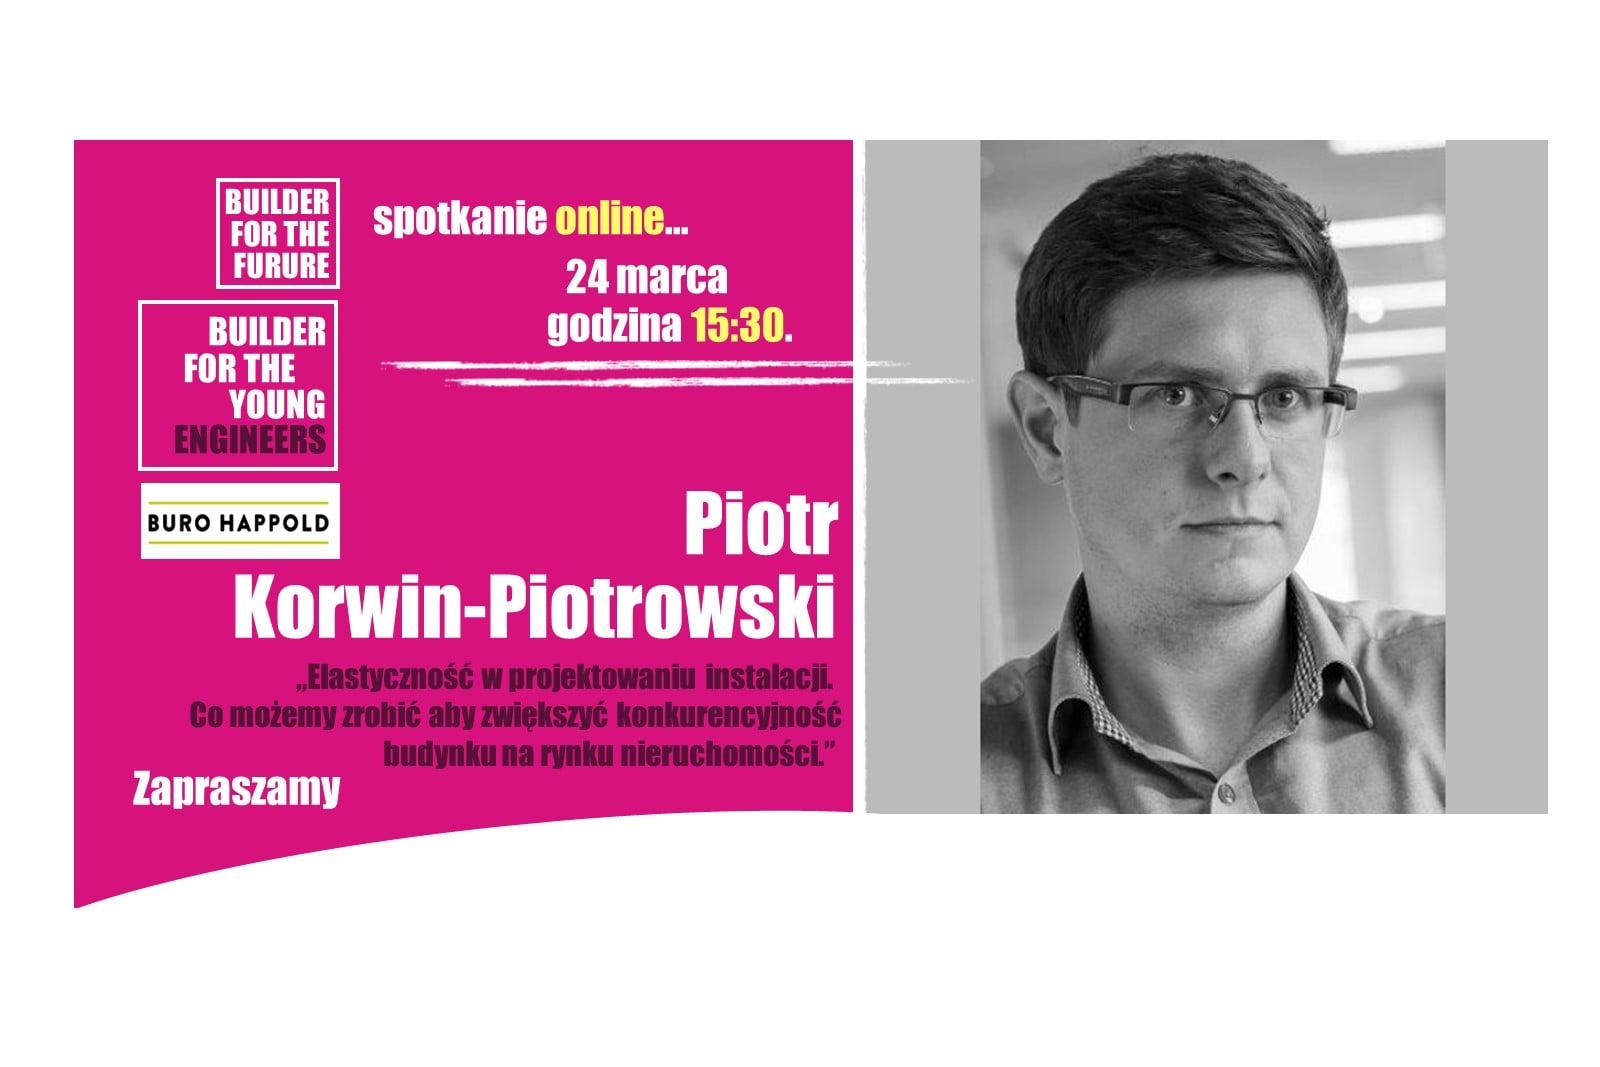 Live z Piotrem Korwin- Piotrowskim z Buro Happold